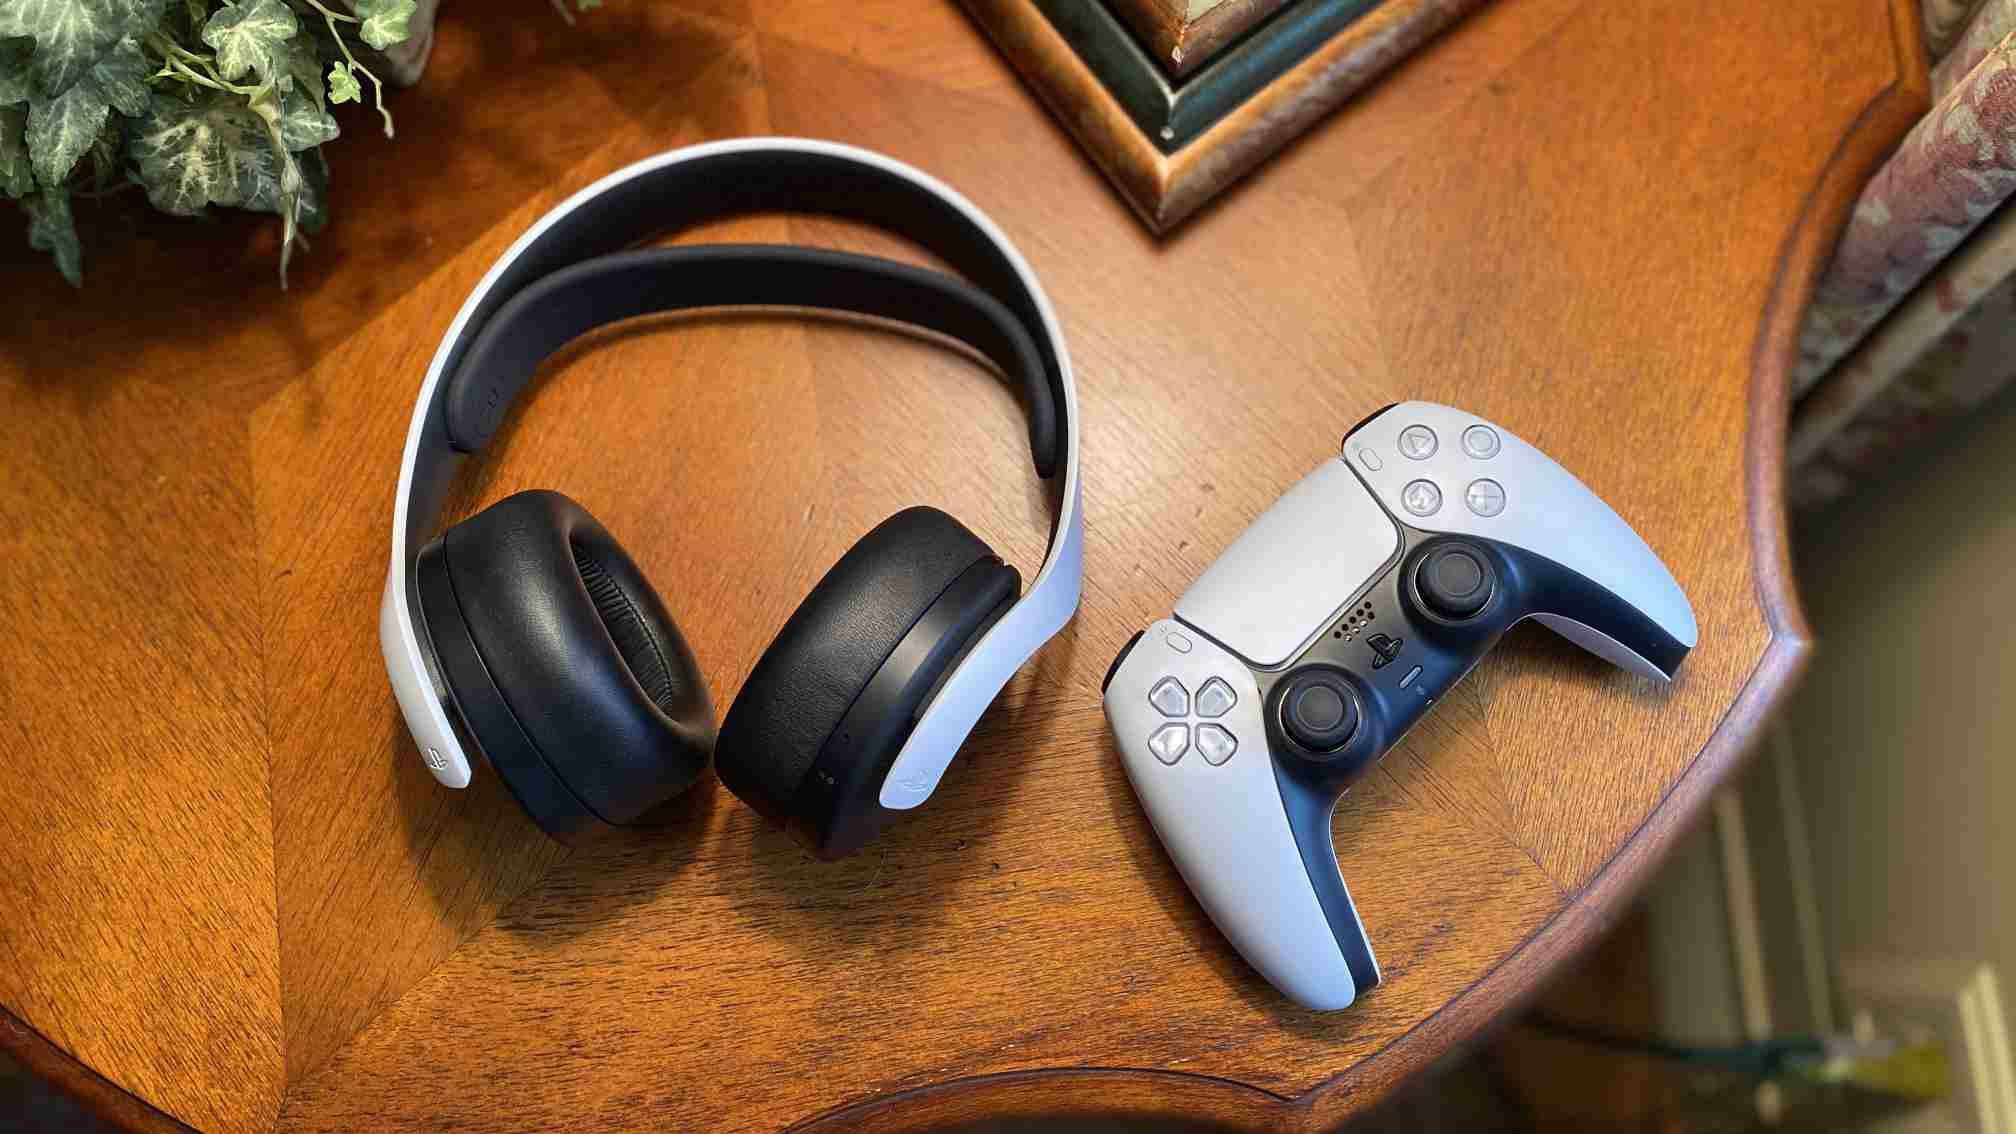 Sony Pulse 3D wireless headset kopen? Dit moet je erover weten!